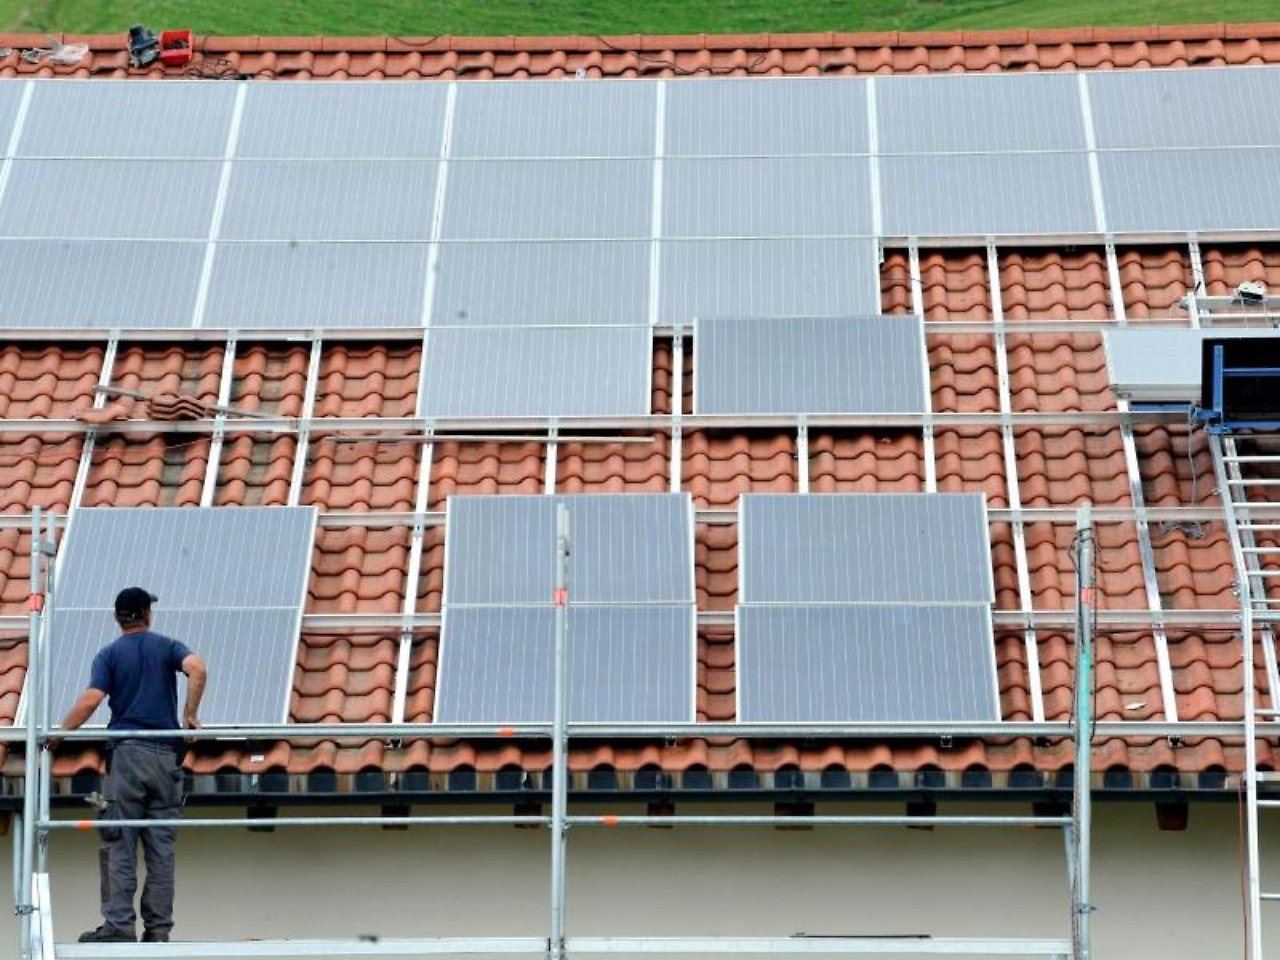 zeitplan einhalten solaranlagen steuerlich absetzen n. Black Bedroom Furniture Sets. Home Design Ideas